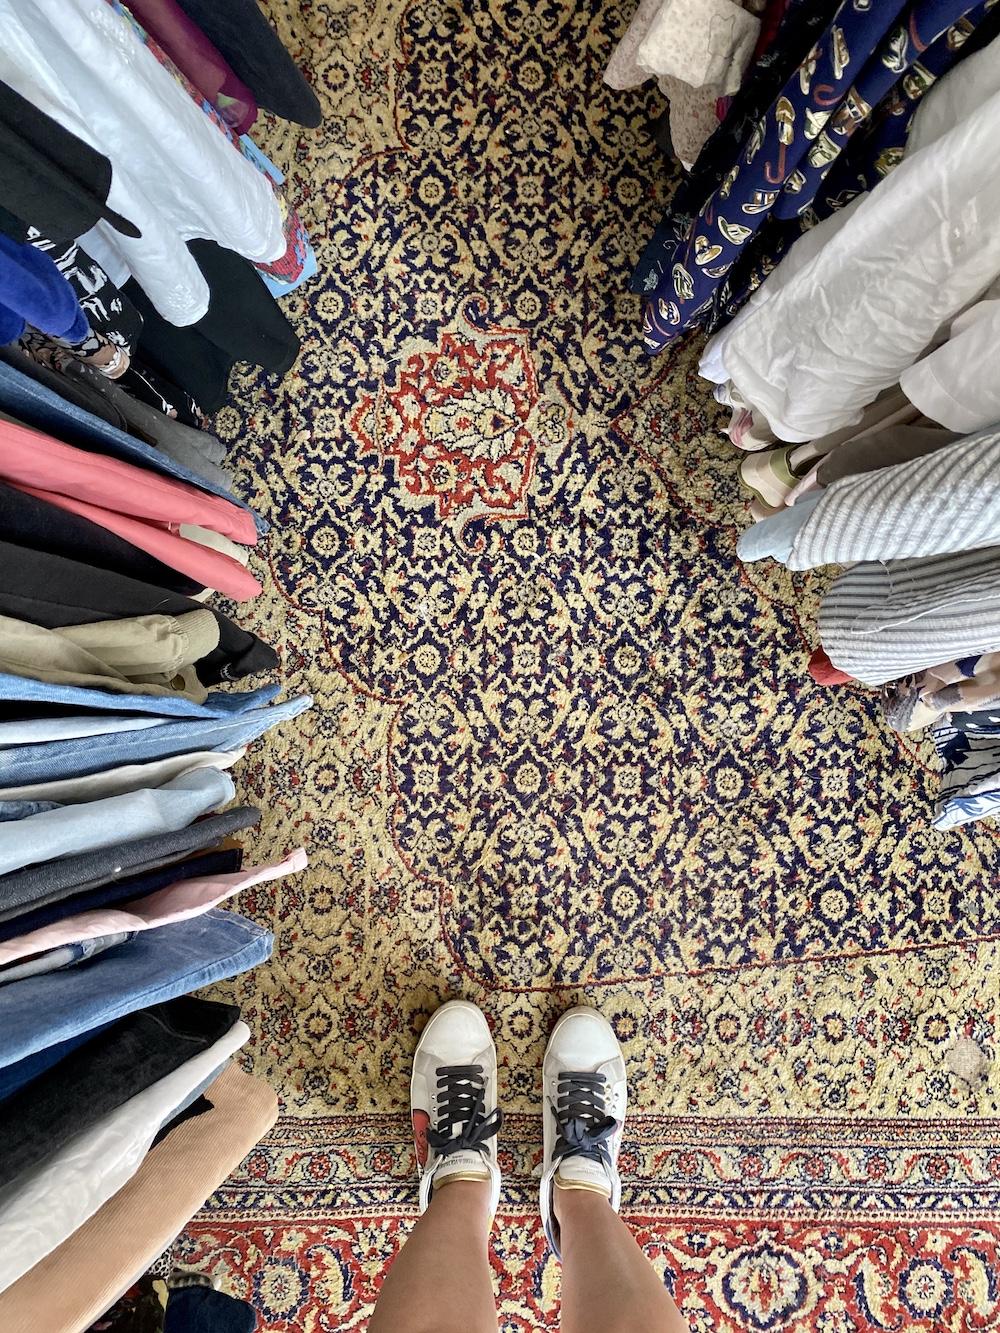 חנות יפה חנות וינטג׳ יד שניה שירי ויצנר בלוג חיפאית2